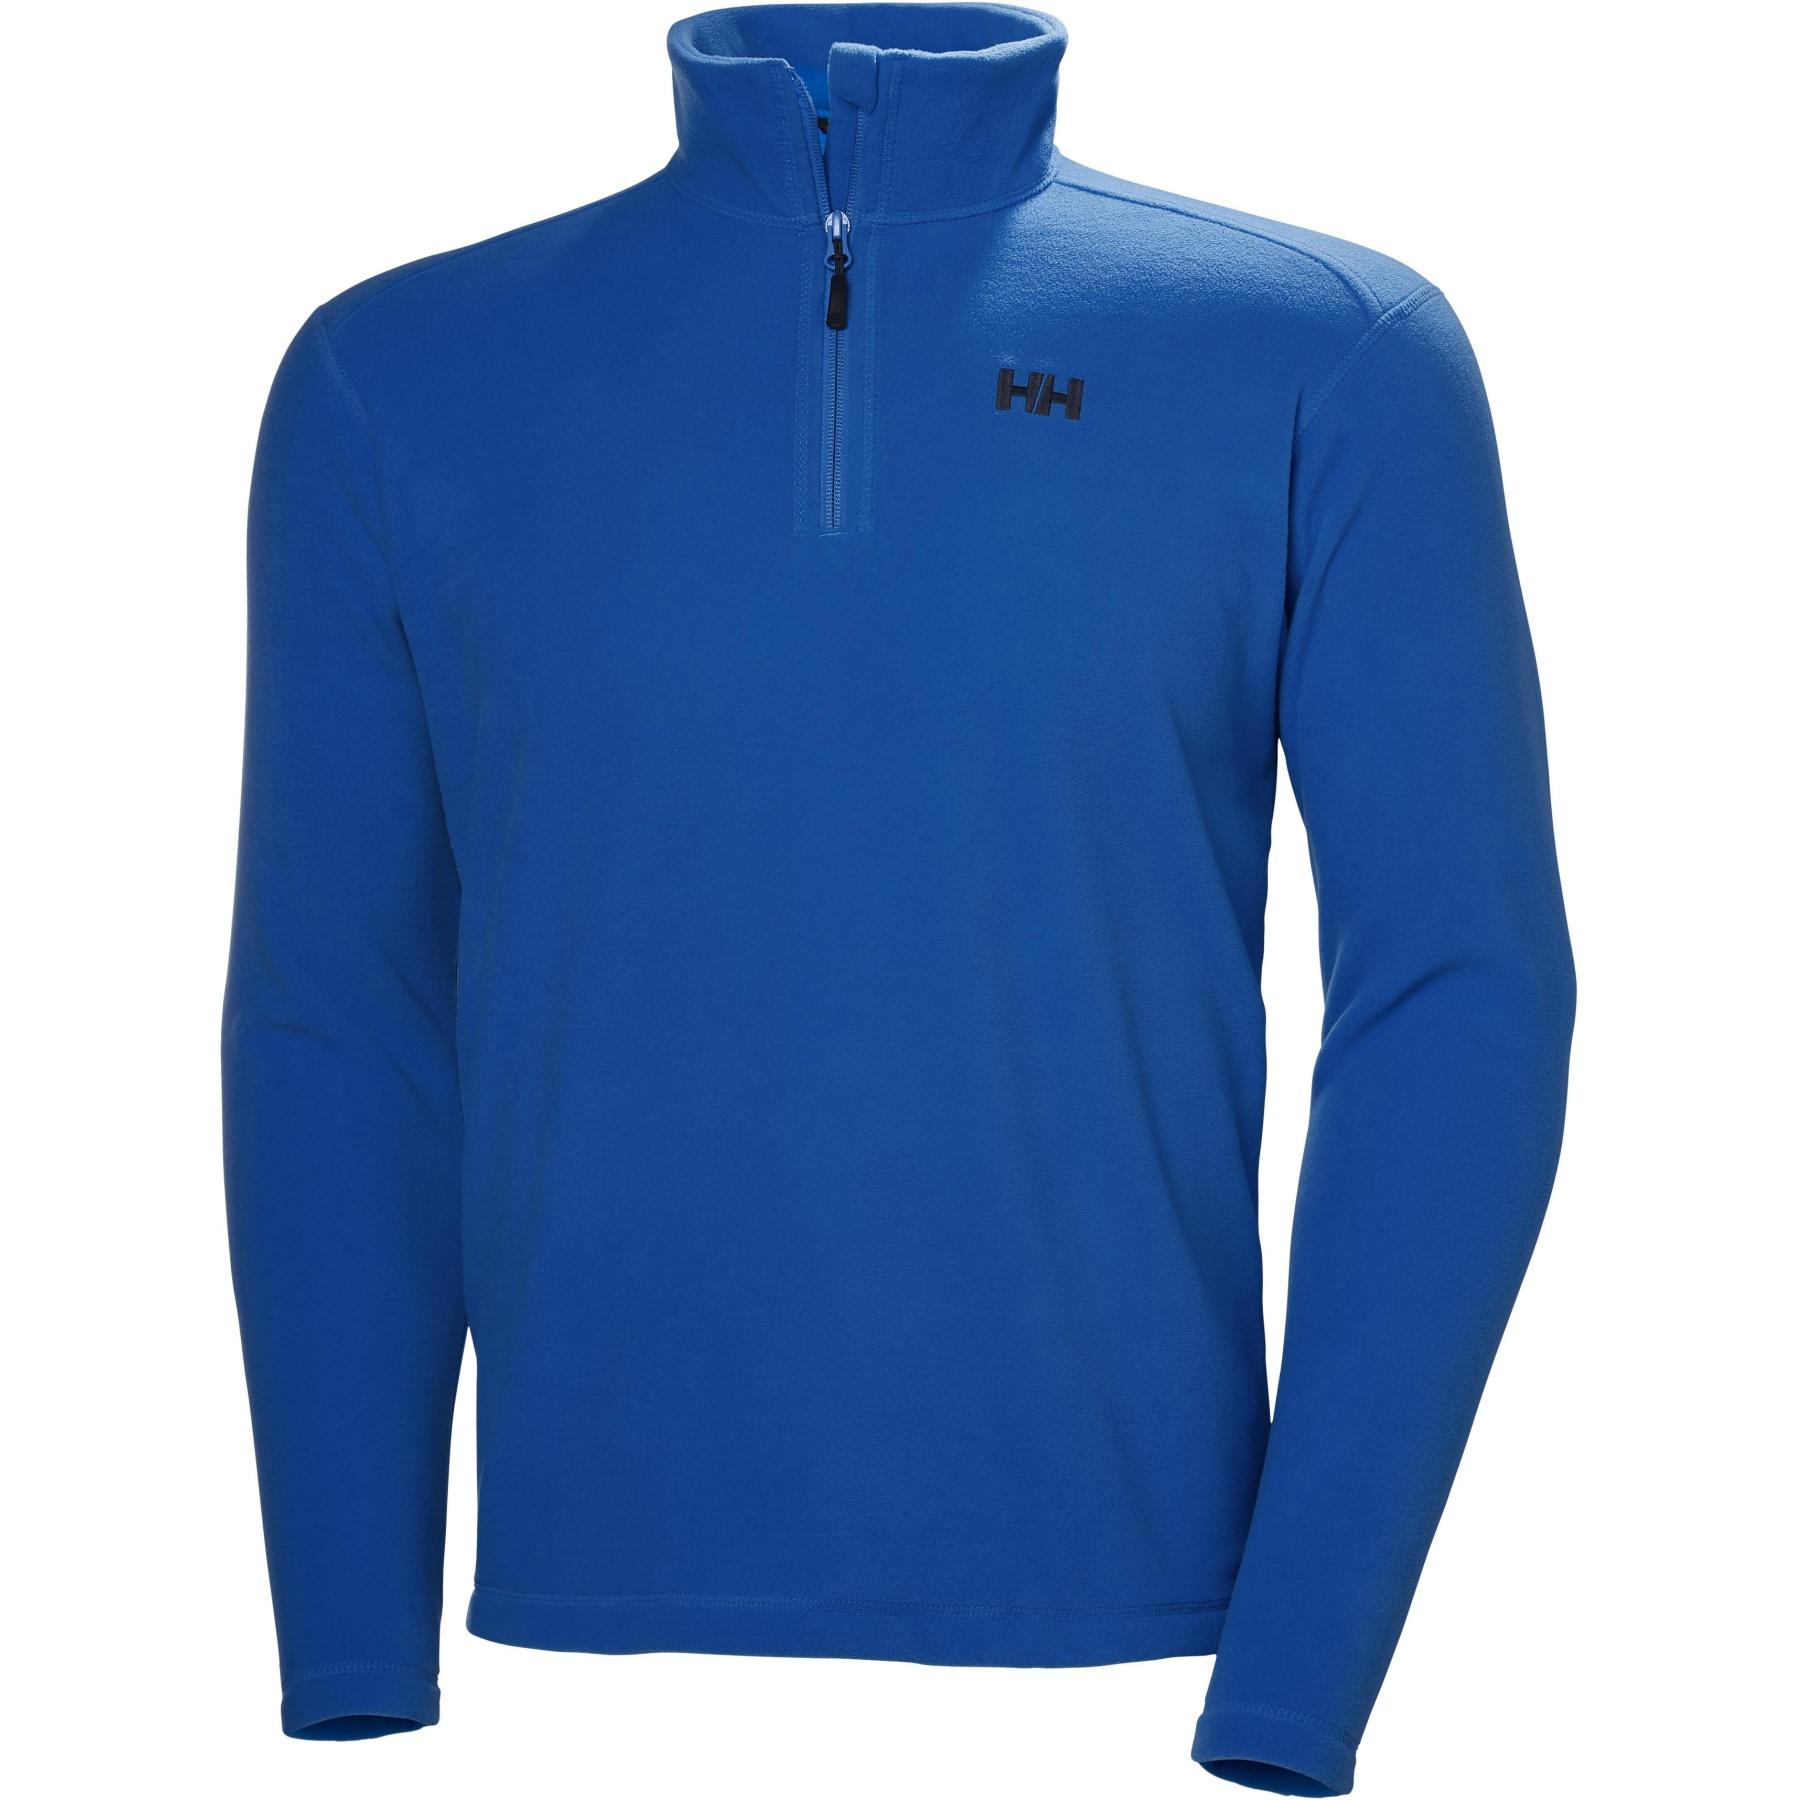 Helly Hansen Daybreaker 1/2 Zip Fleece - electric blue